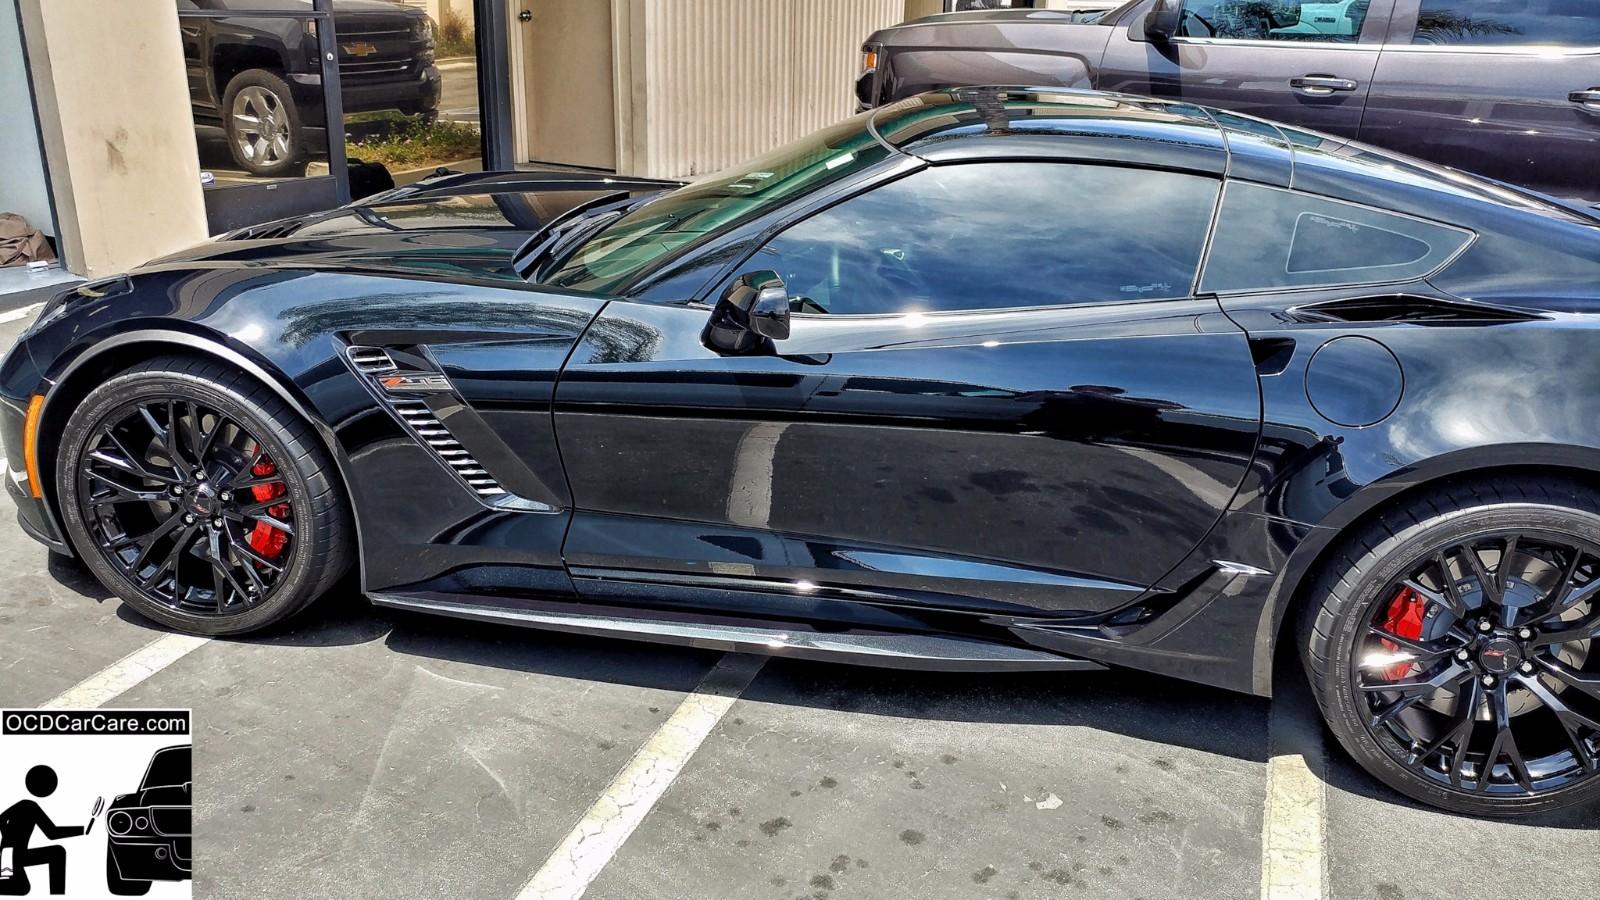 Car glass scratch 17